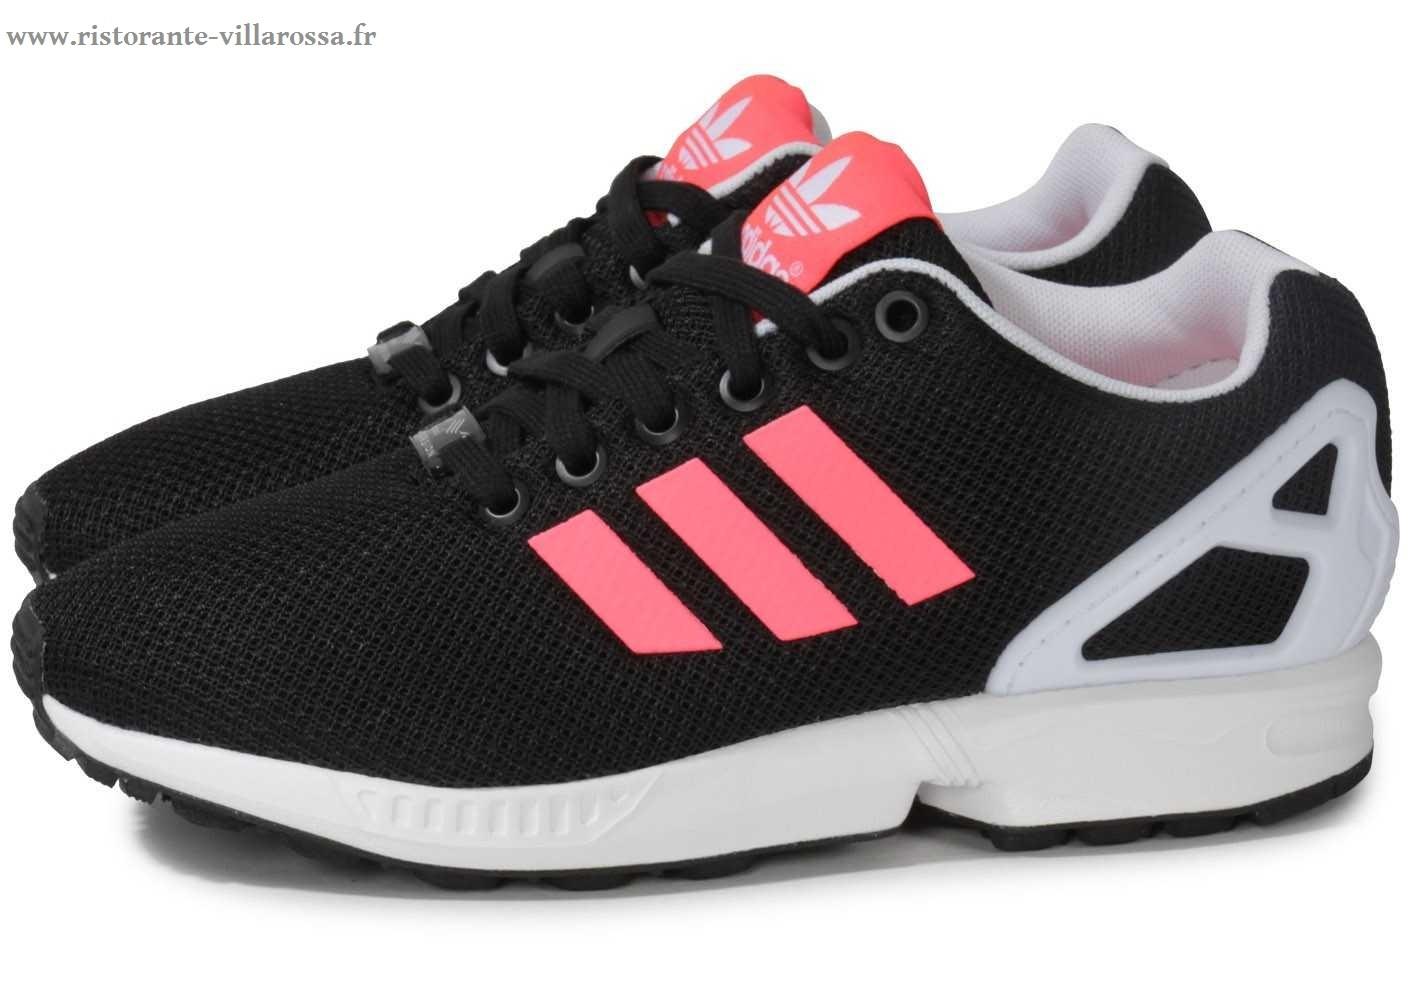 Soldes > chaussure torsion > en stock